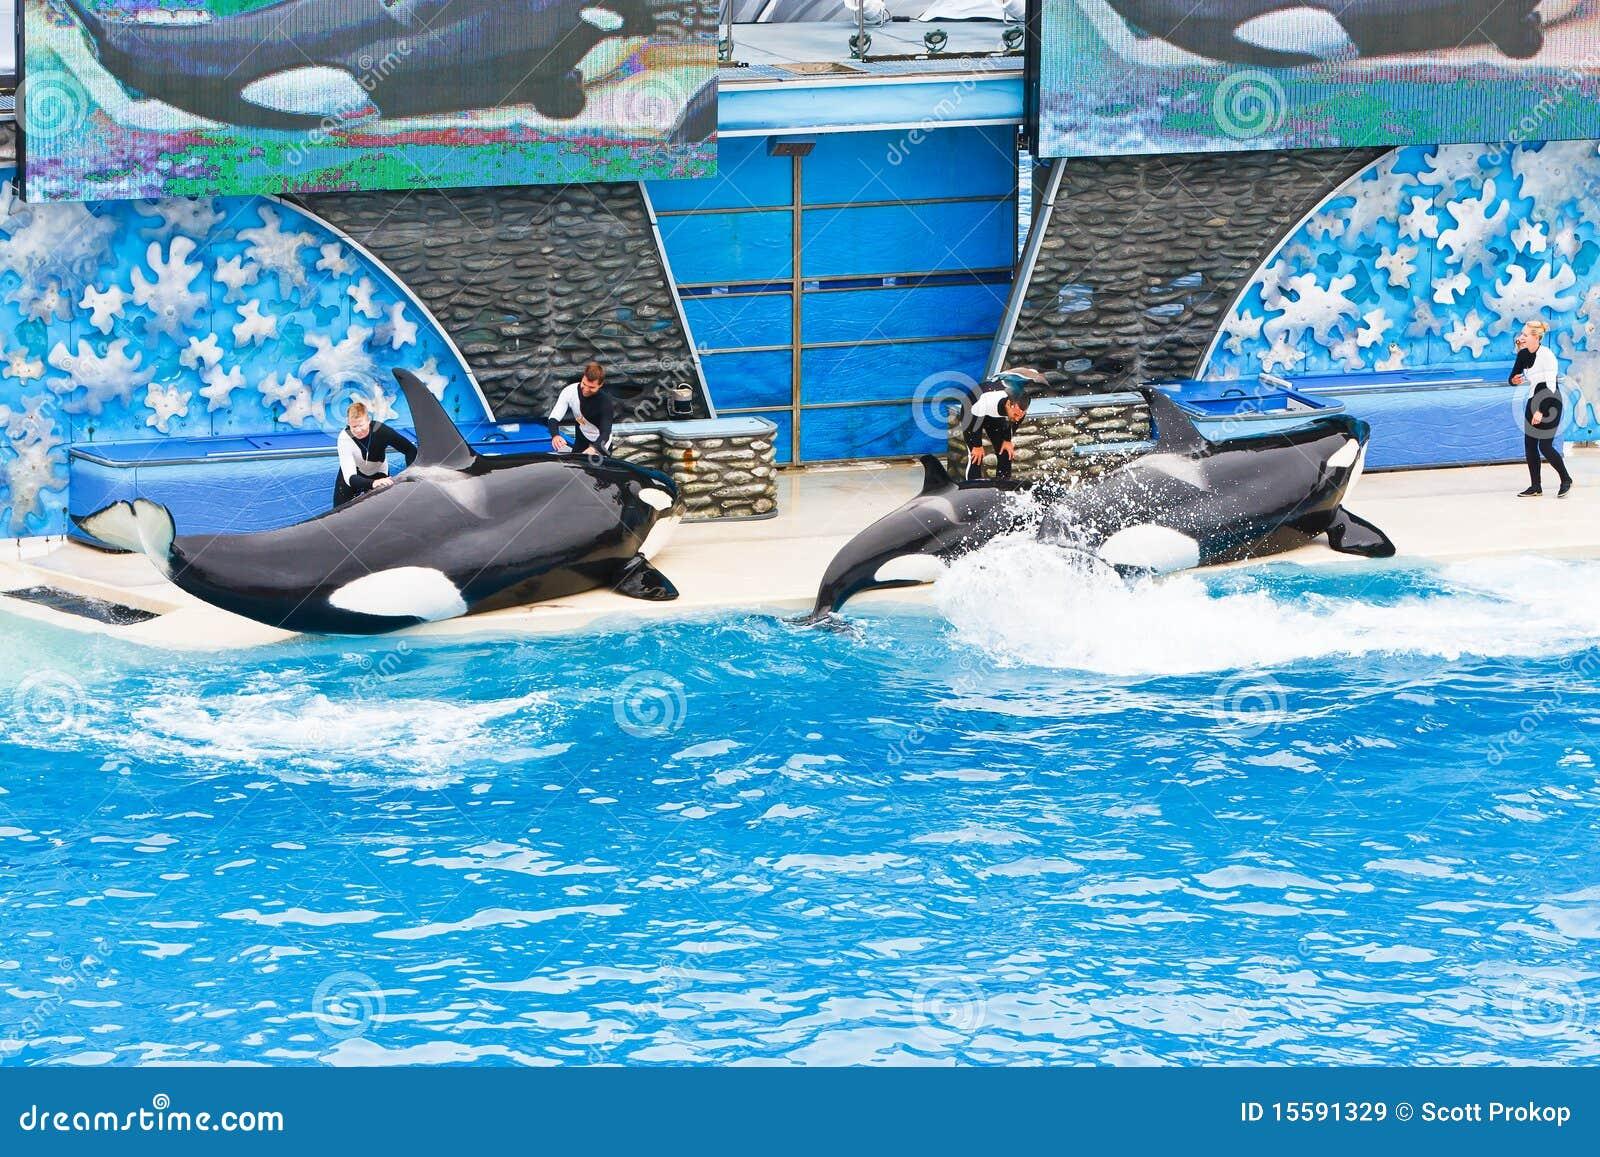 Orka s in SeaWorld